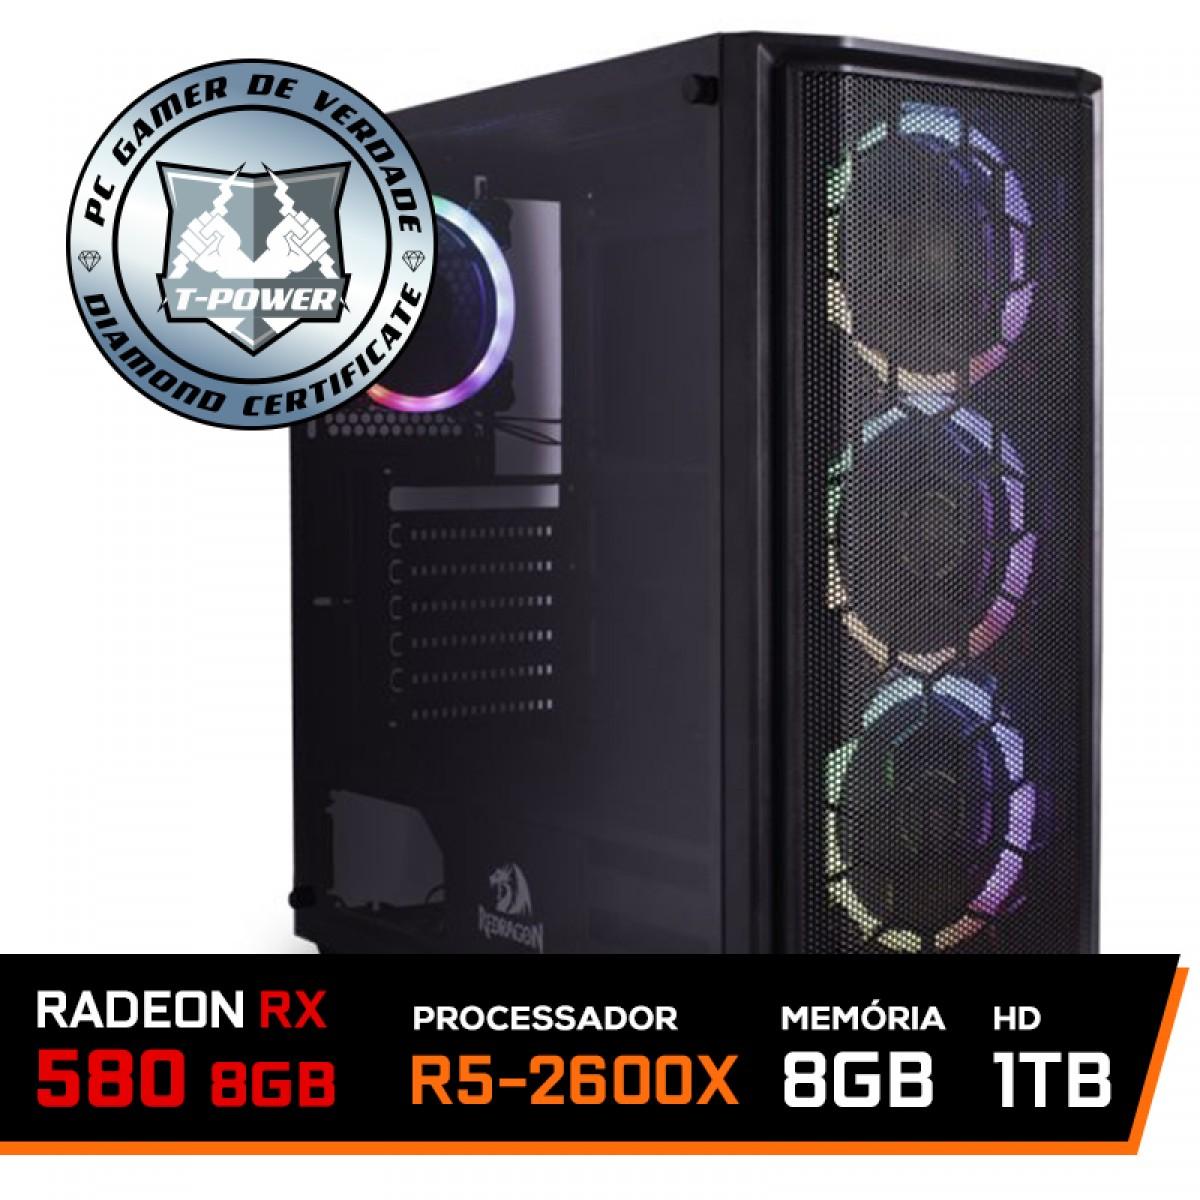 Pc Gamer T-Power Major Lvl-5 Amd Ryzen 5 2600x / Radeon Rx 580 8GB / DDR4 8Gb / Hd 1Tb / 500W